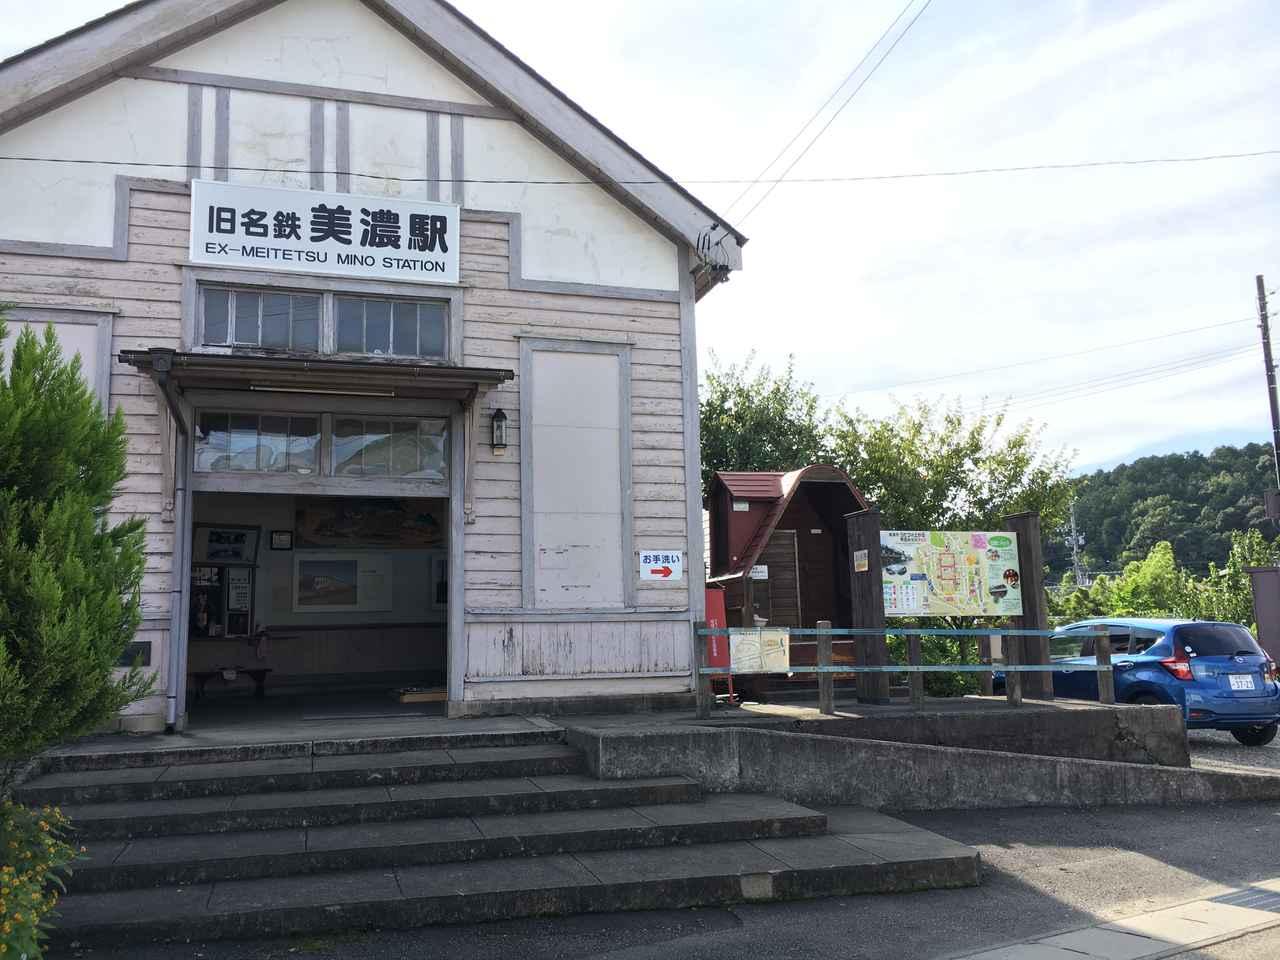 画像1: 旧名鉄美濃駅 ★岐阜県美濃市